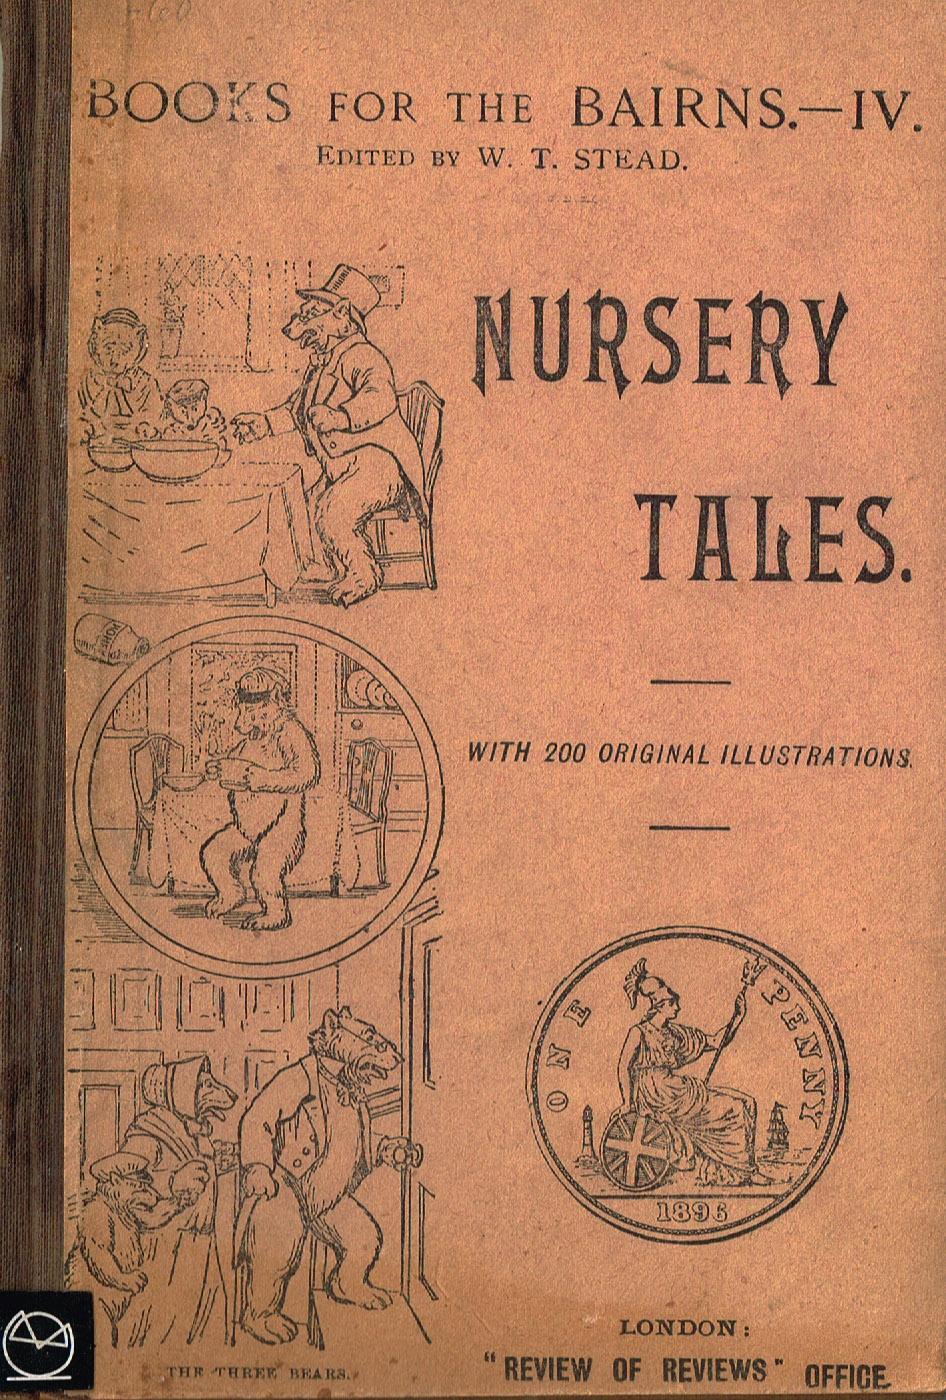 Nursery Tales - Books for the Bairns